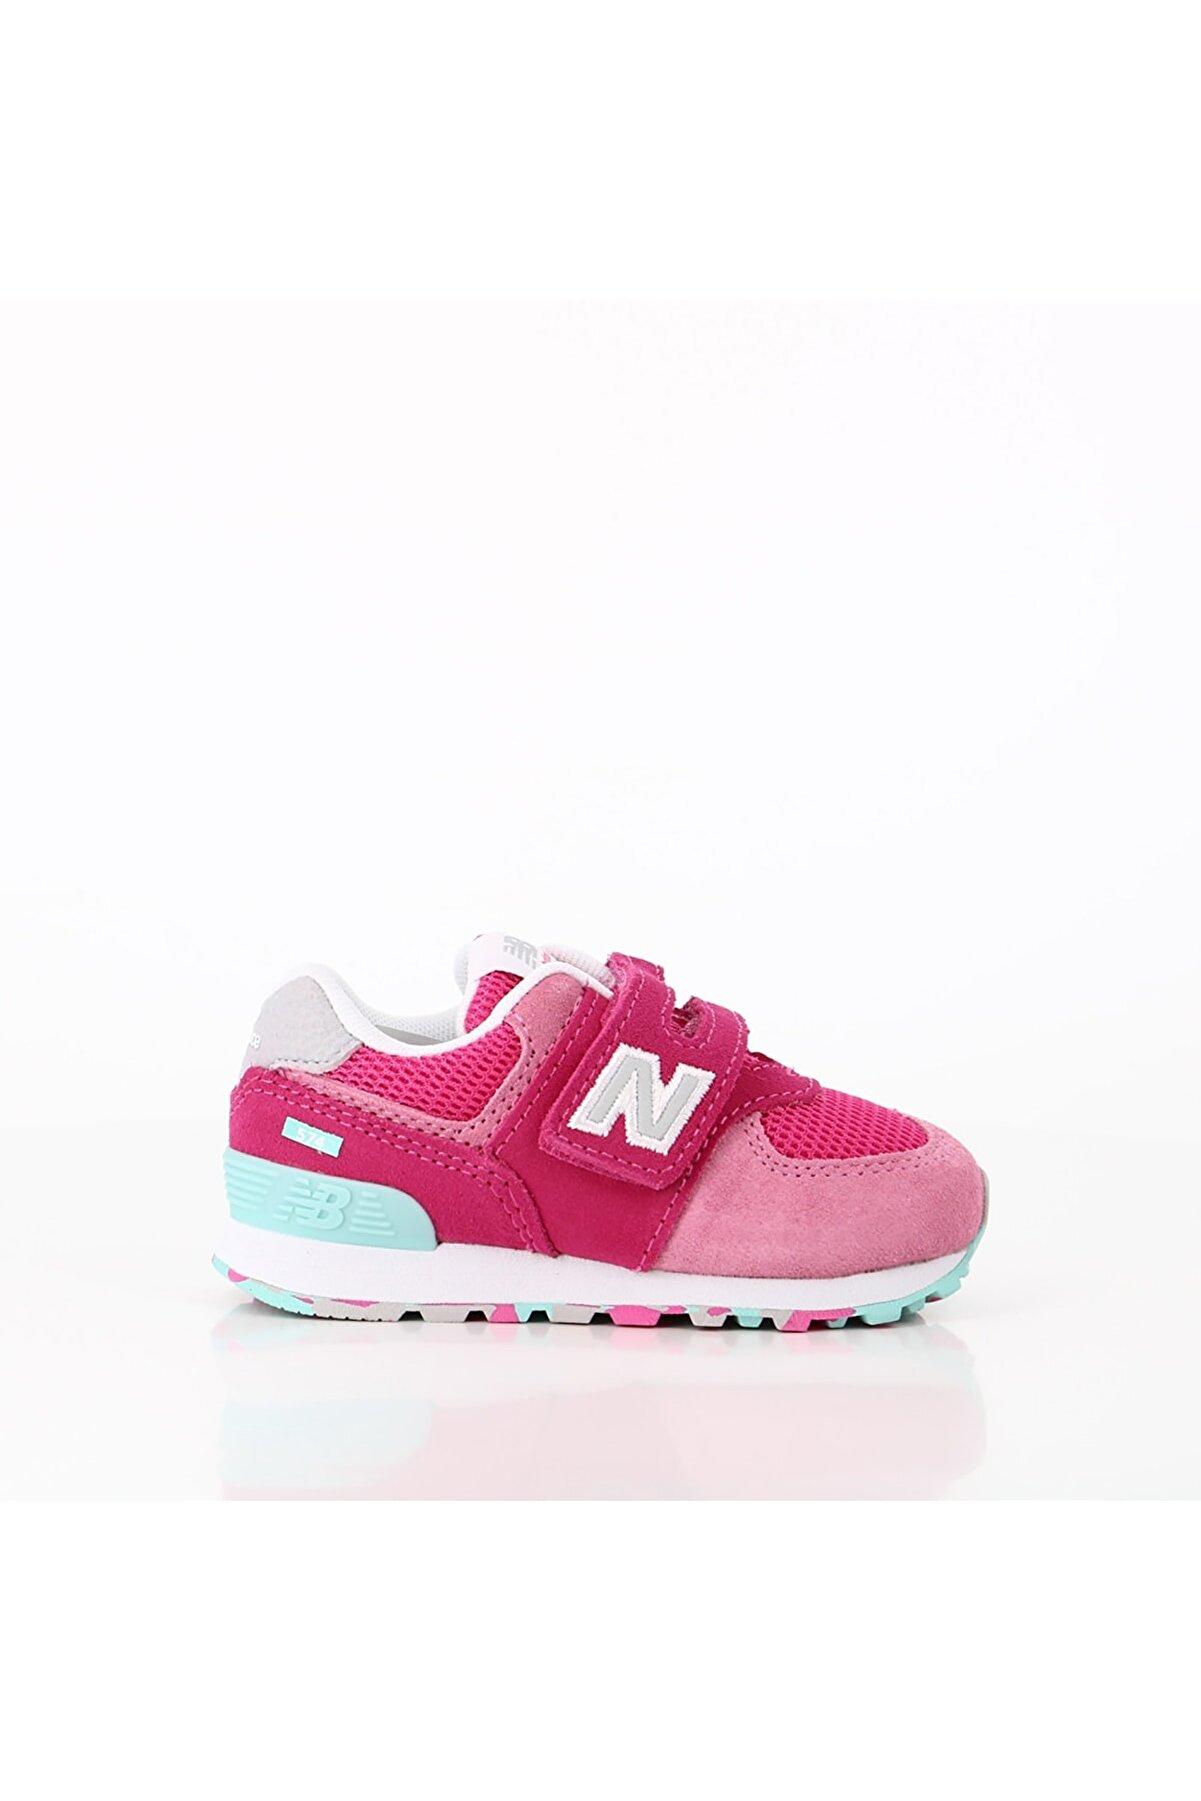 New Balance Çocuk Günlük Spor Ayakkabı Iv574ujb